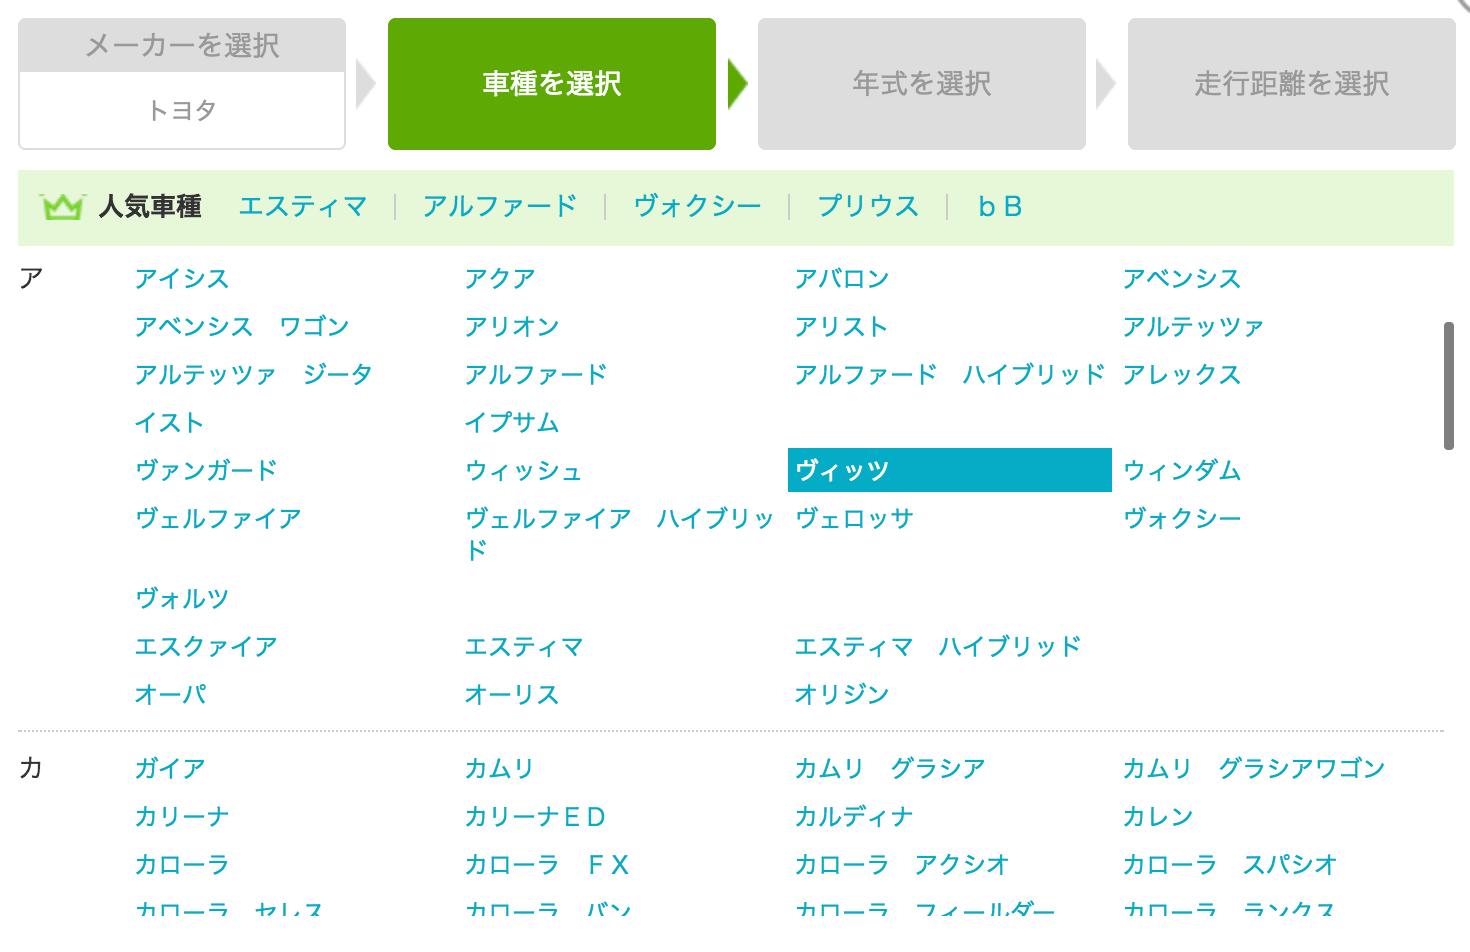 ズバット車買取比較の車種選択画面